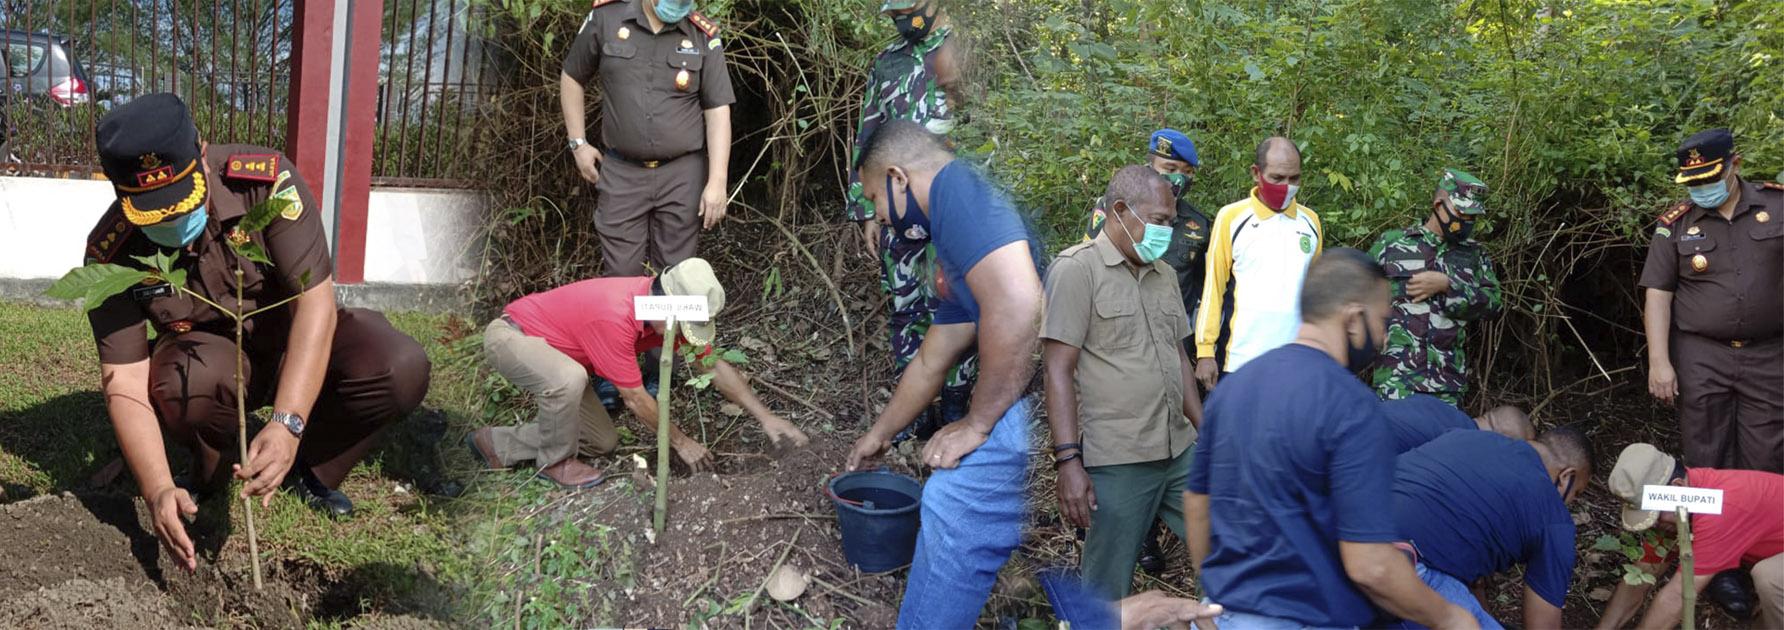 Lestarikan Hutan Untuk Masa Depan Lewat Aksi Penghijauan